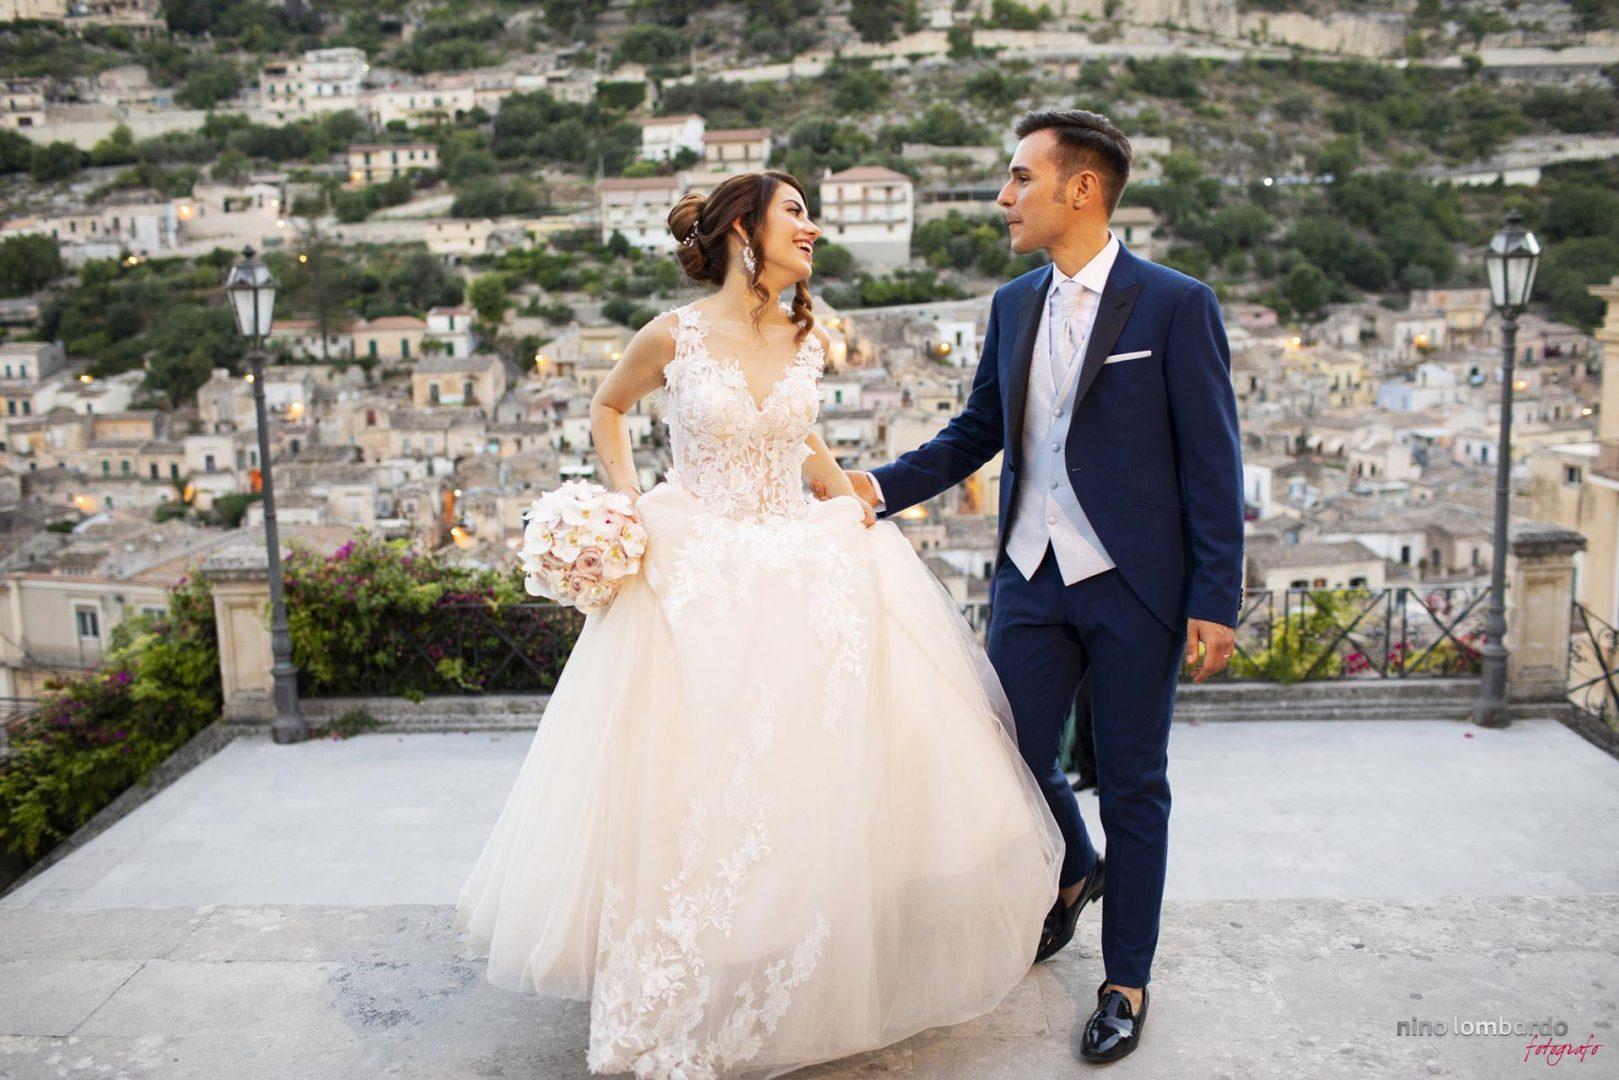 Servizio fotografico di Nino Lombardo fotografo per matrimonio a Modica